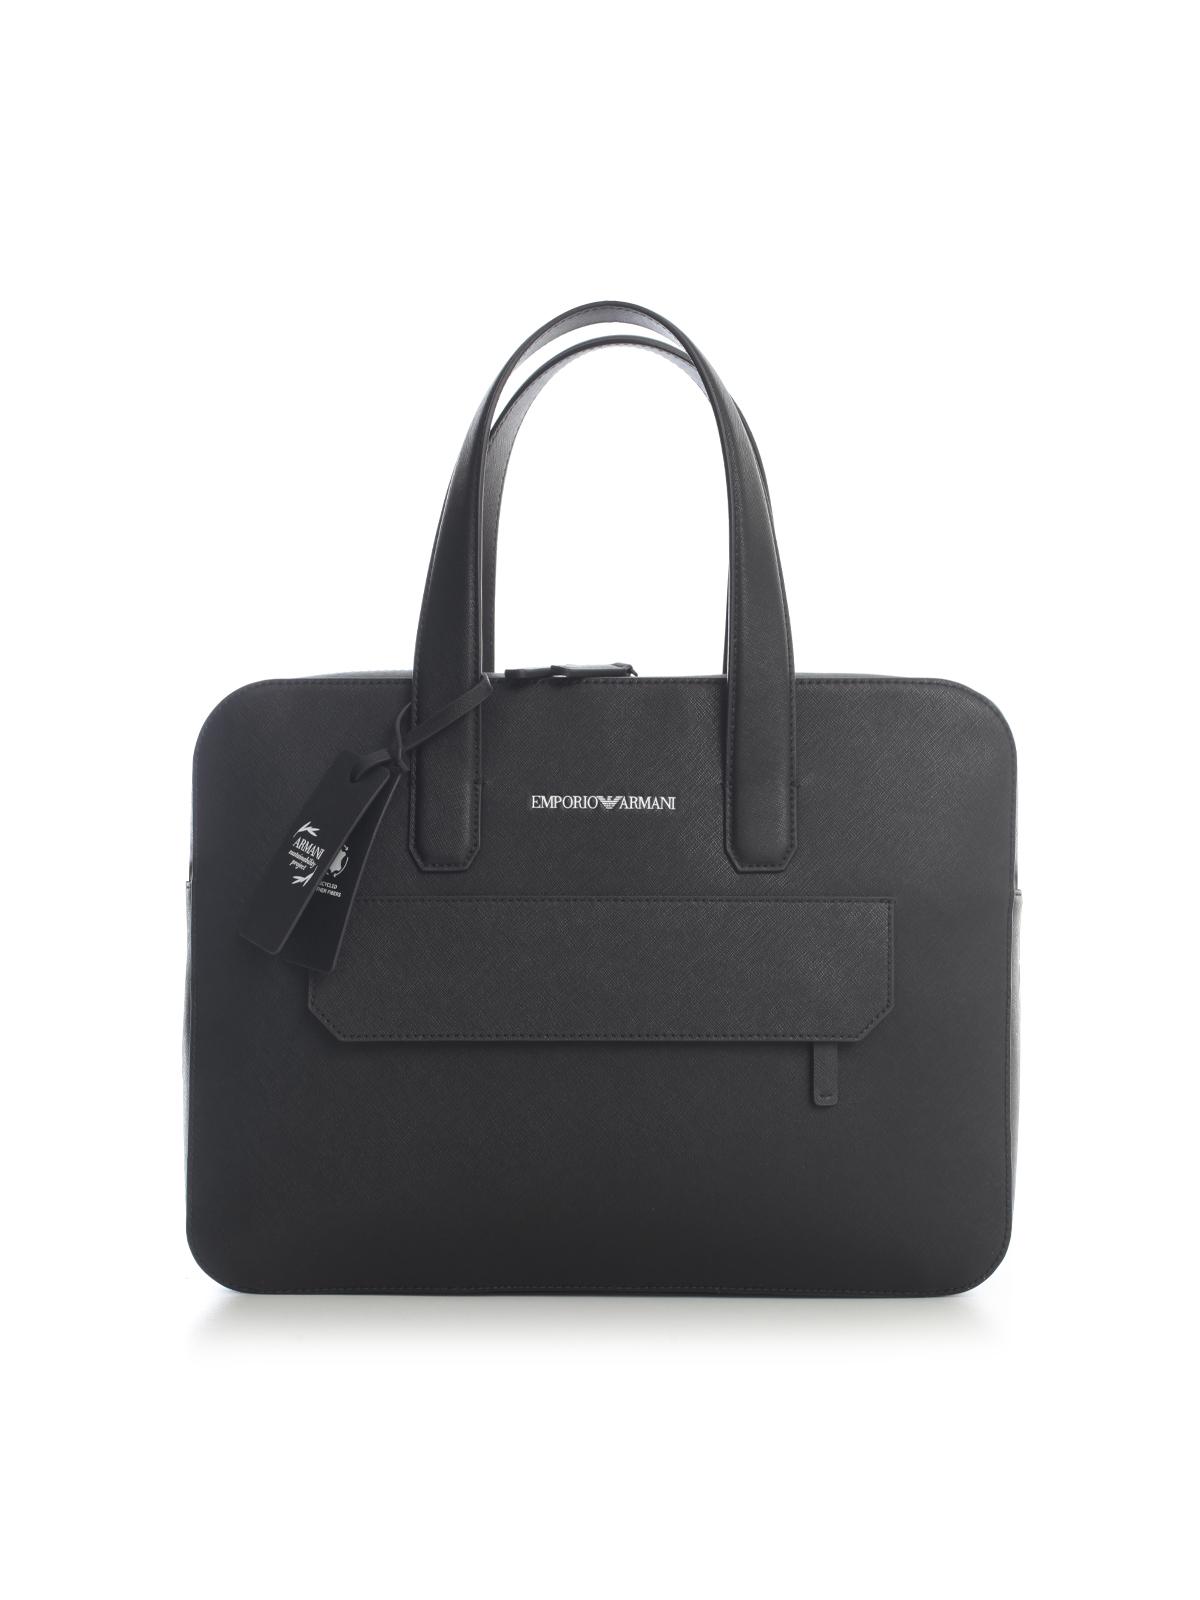 Picture of Emporio Armani Bag